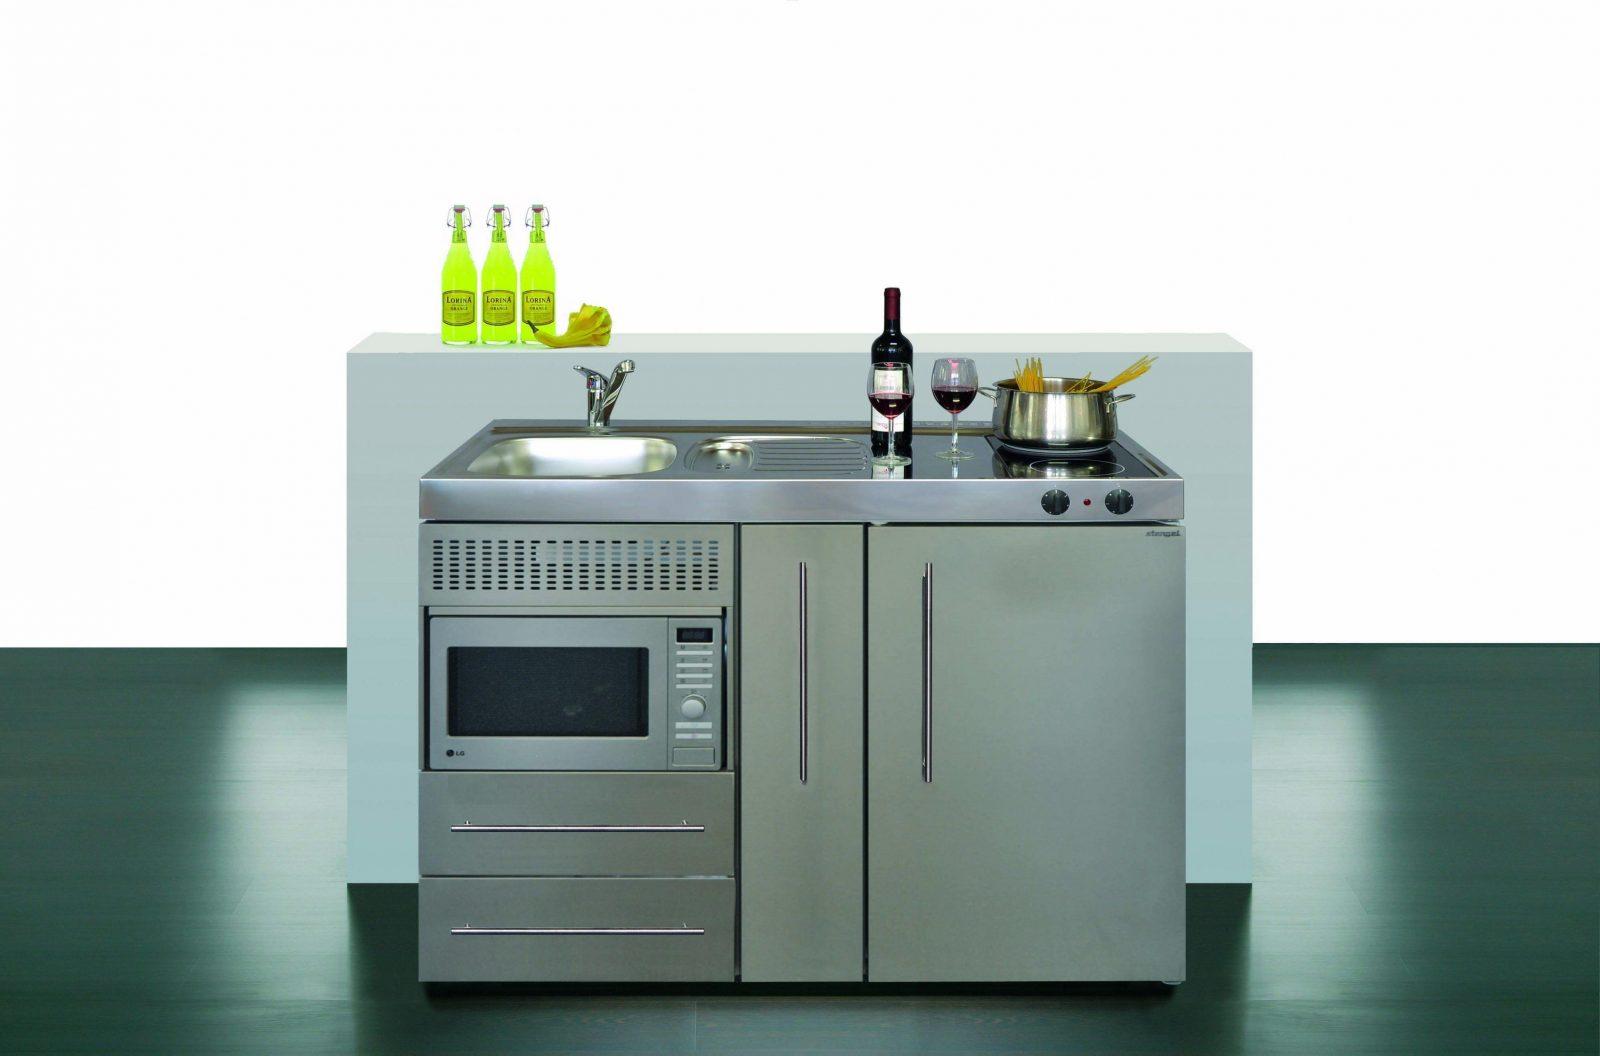 Hornbach Mini Kühlschrank : Hornbach miniküche kühlschrank kuechenmoebel kuechenzeilen